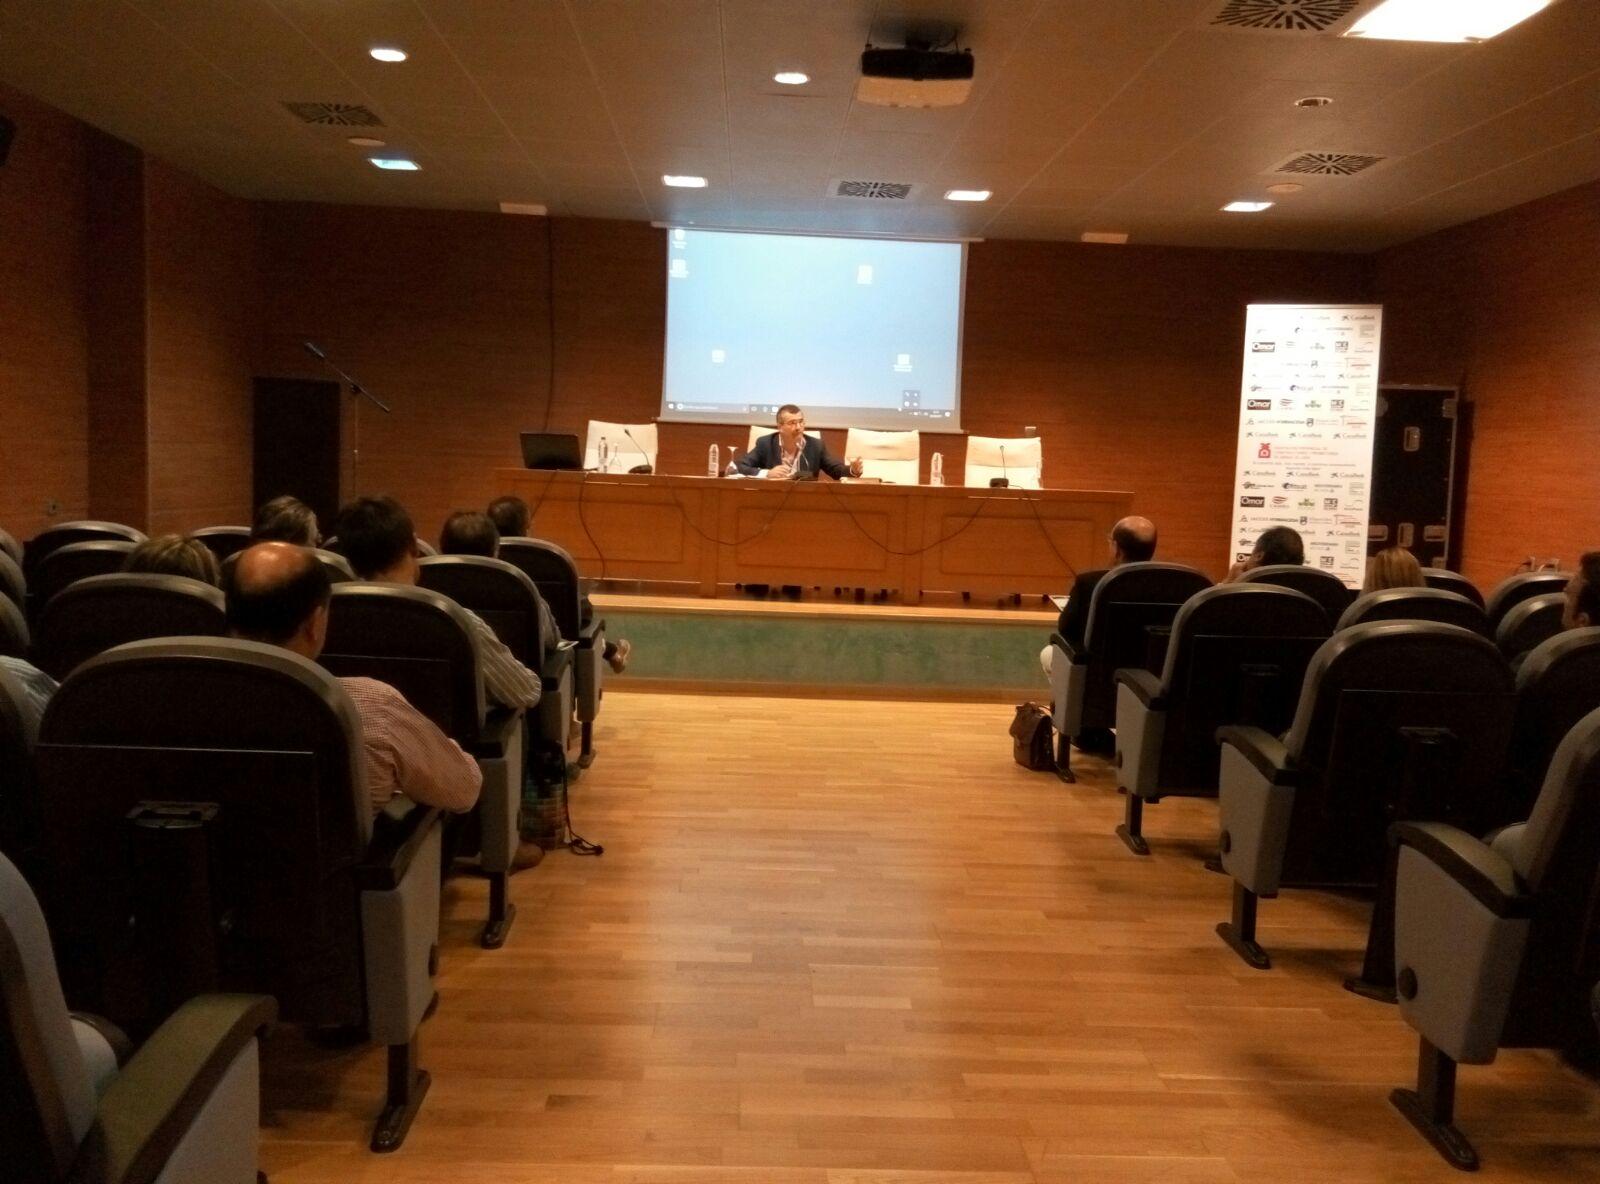 El Plan General de Ordenación Urbana, a debate en el Palacio de Congresos de Jaén